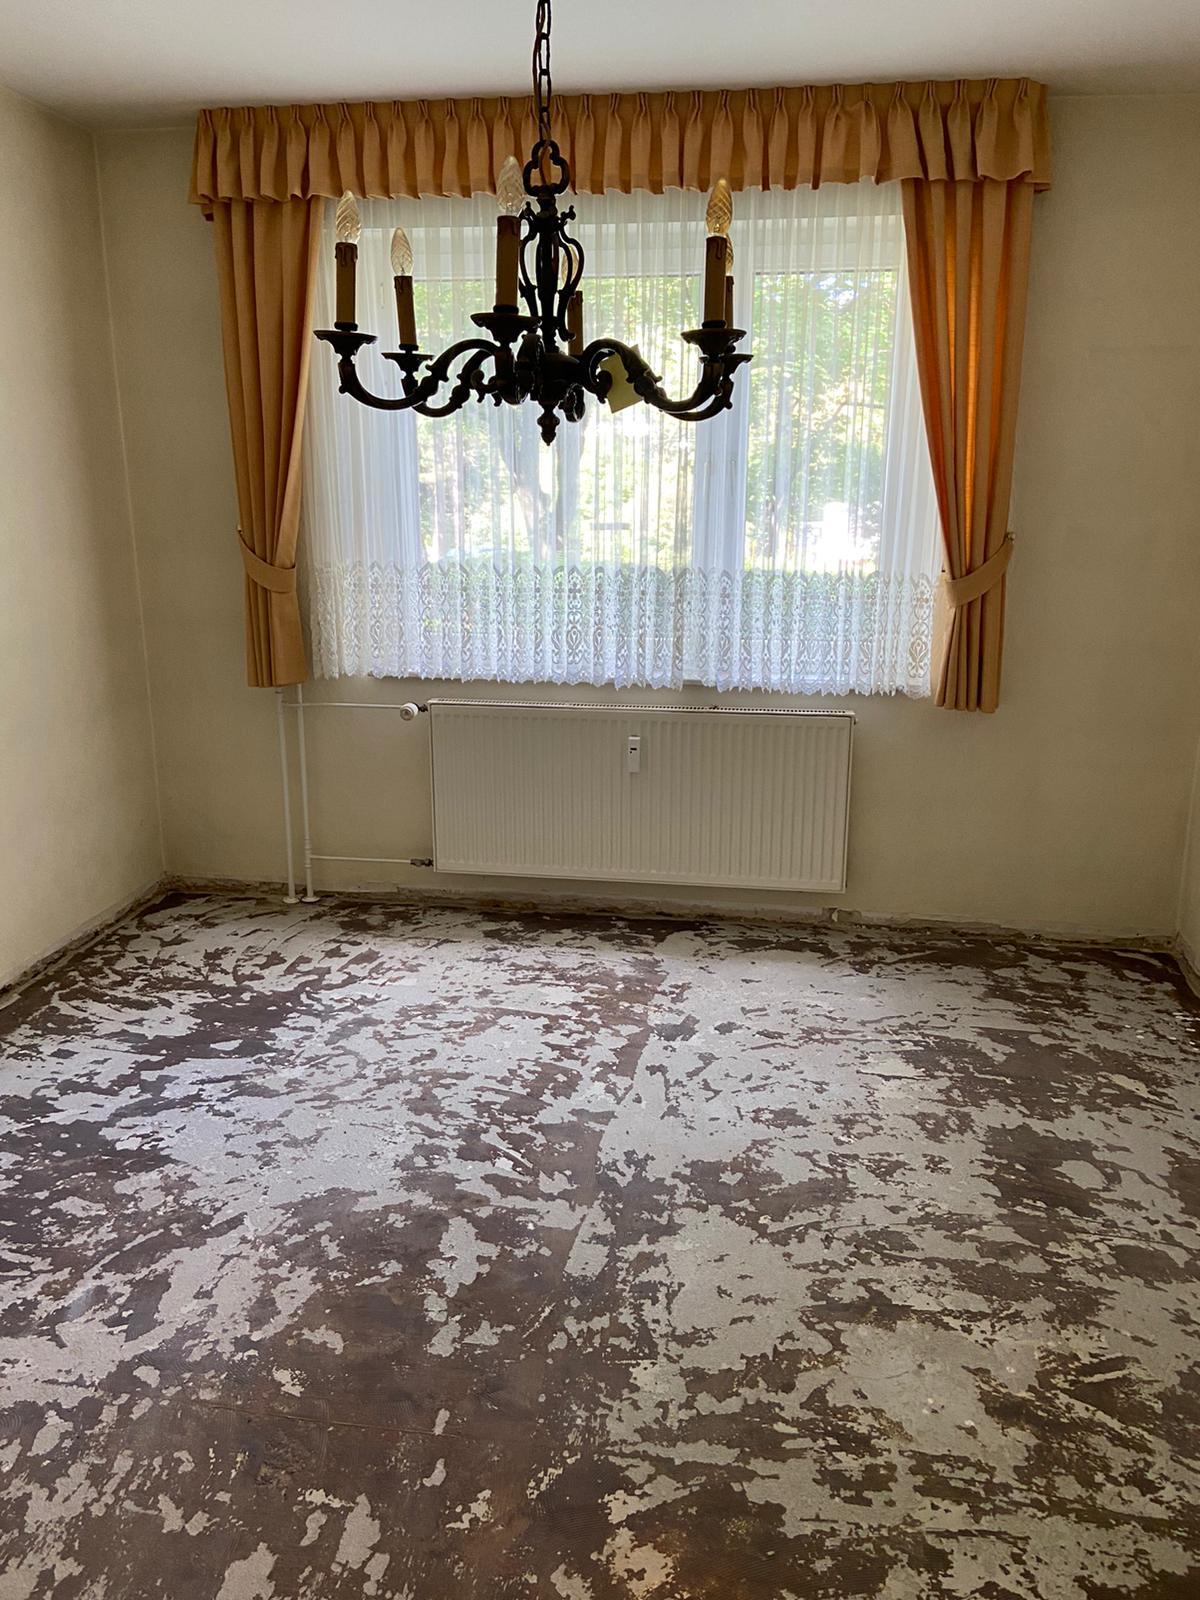 Wohnungsauflösung, Entrümpelung, geräumte Wohnung mit Teppich Entfernung Bad-Soden